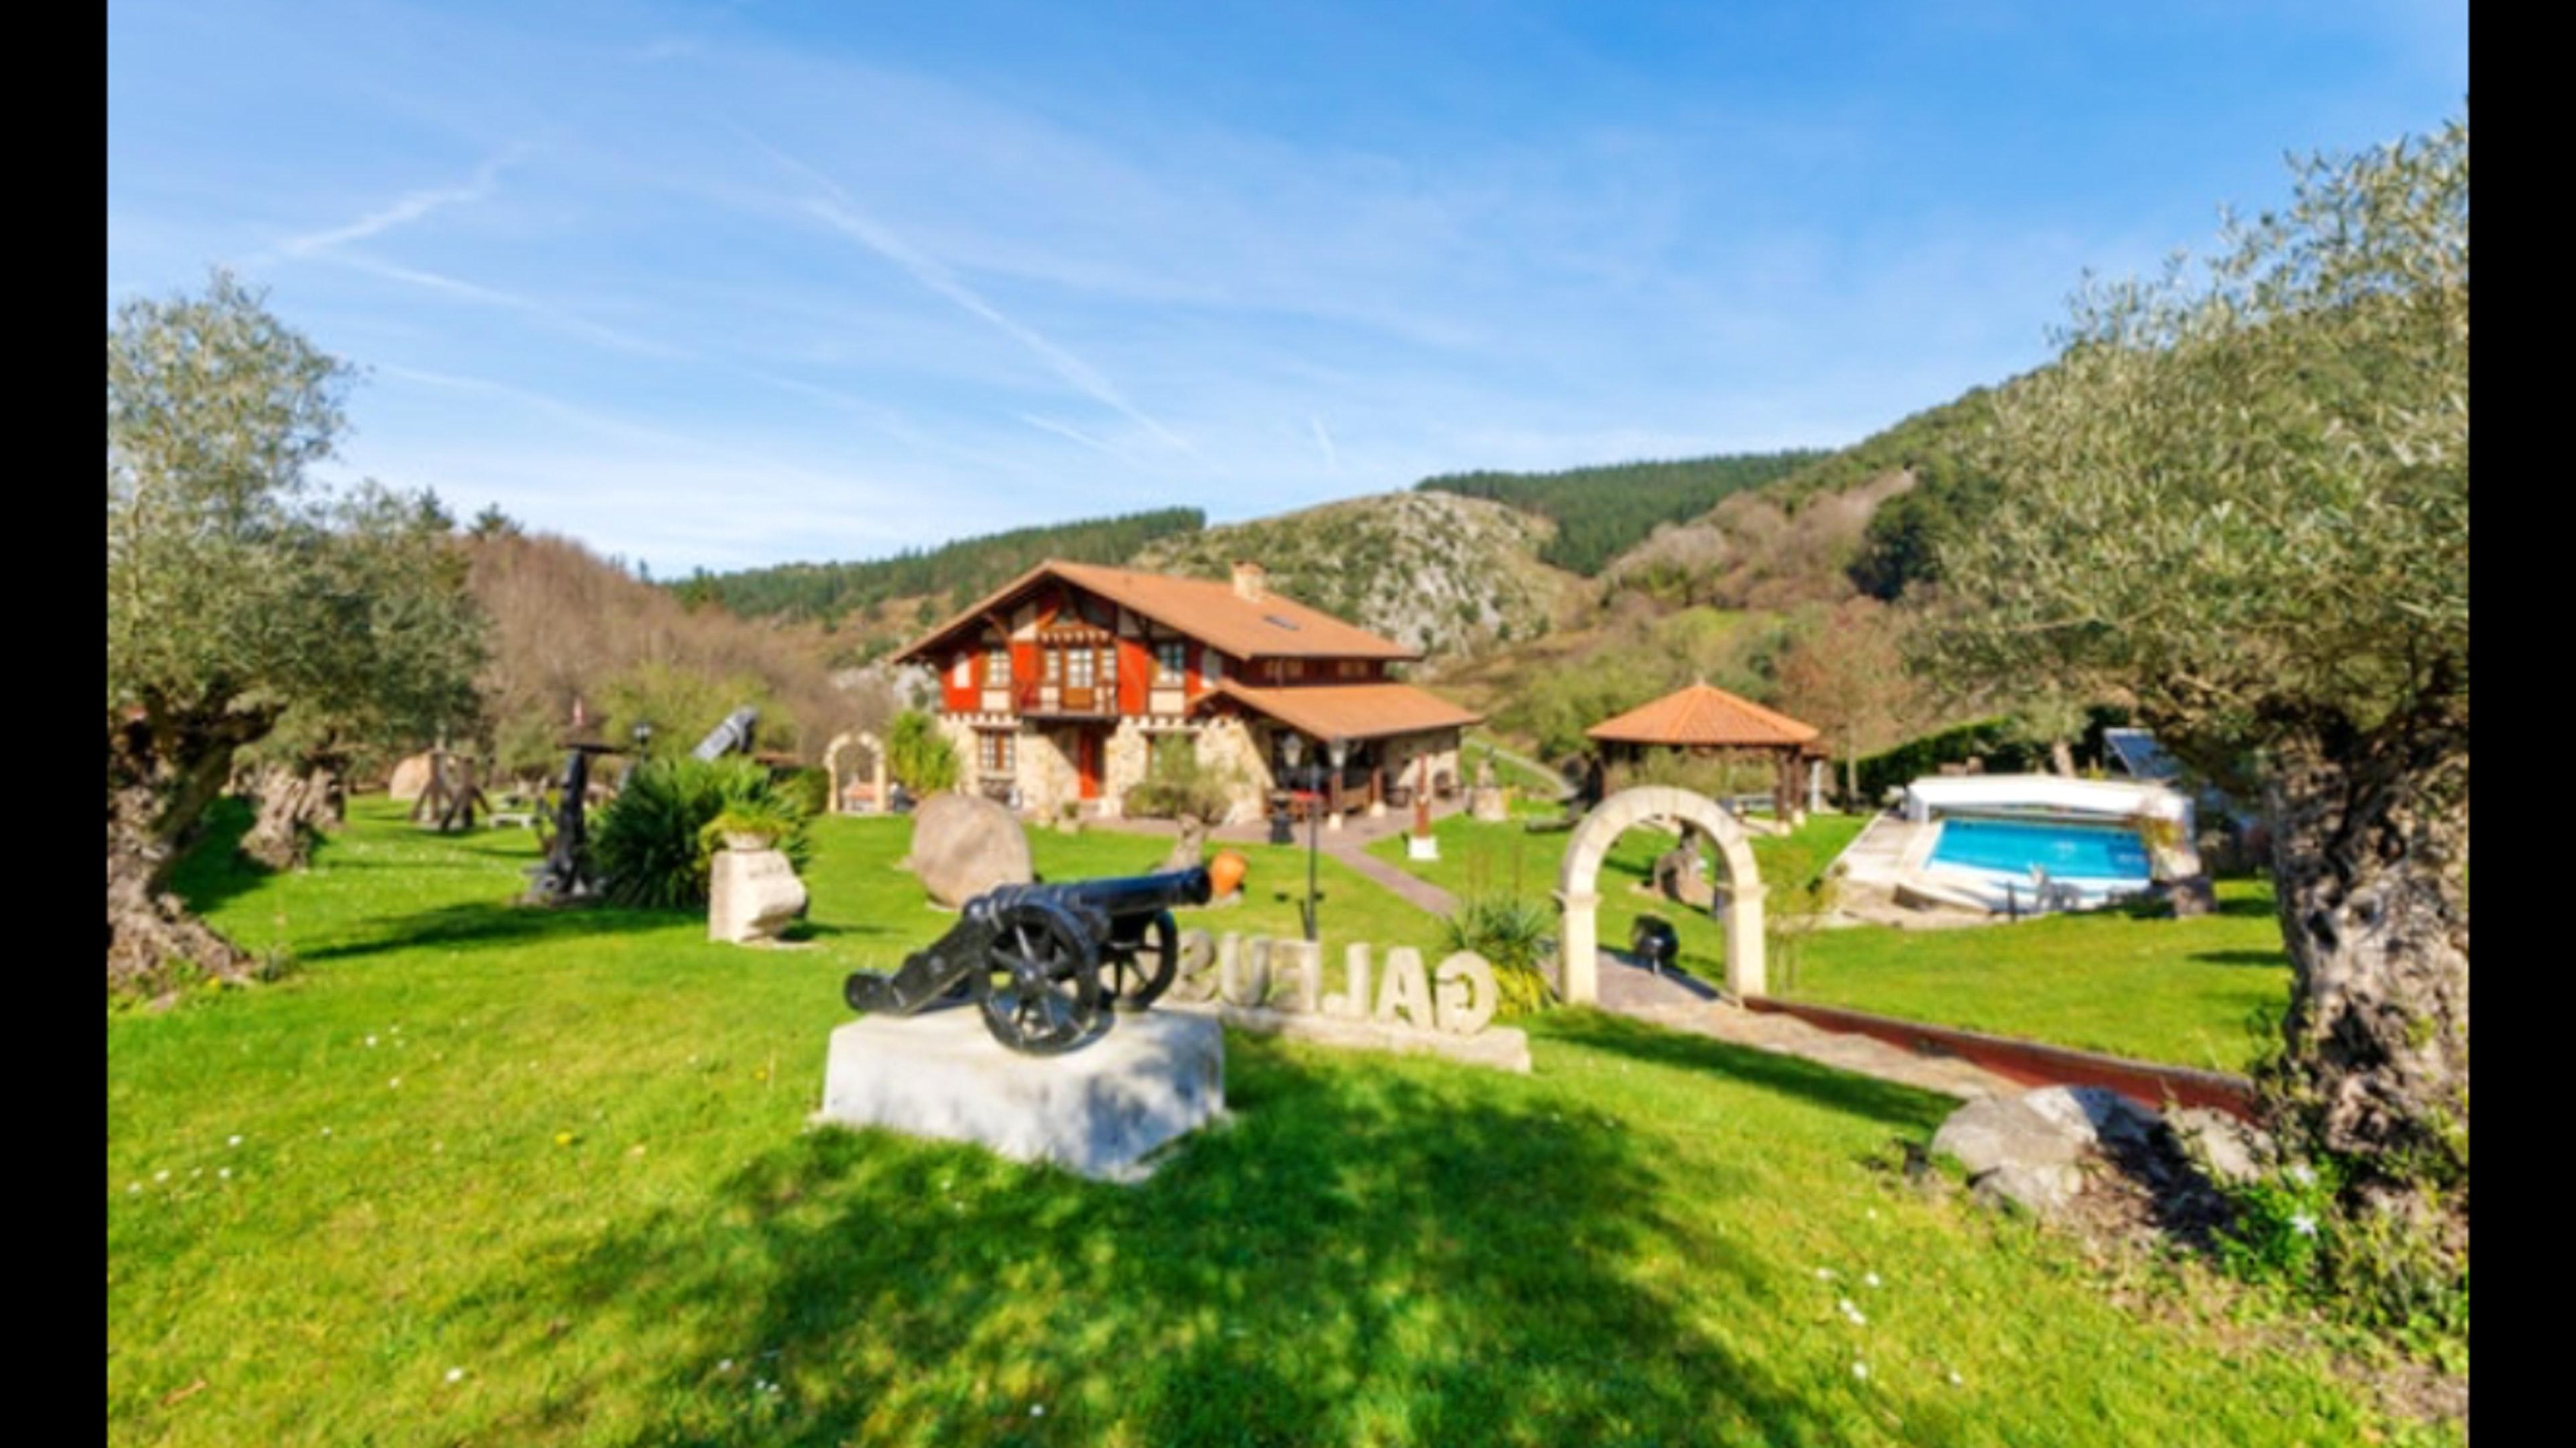 Ferienhaus Villa mit 6 Schlafzimmern in Bizkaia mit privatem Pool und möblierter Terrasse (2519370), Dima, Bizkaia, Baskenland, Spanien, Bild 50